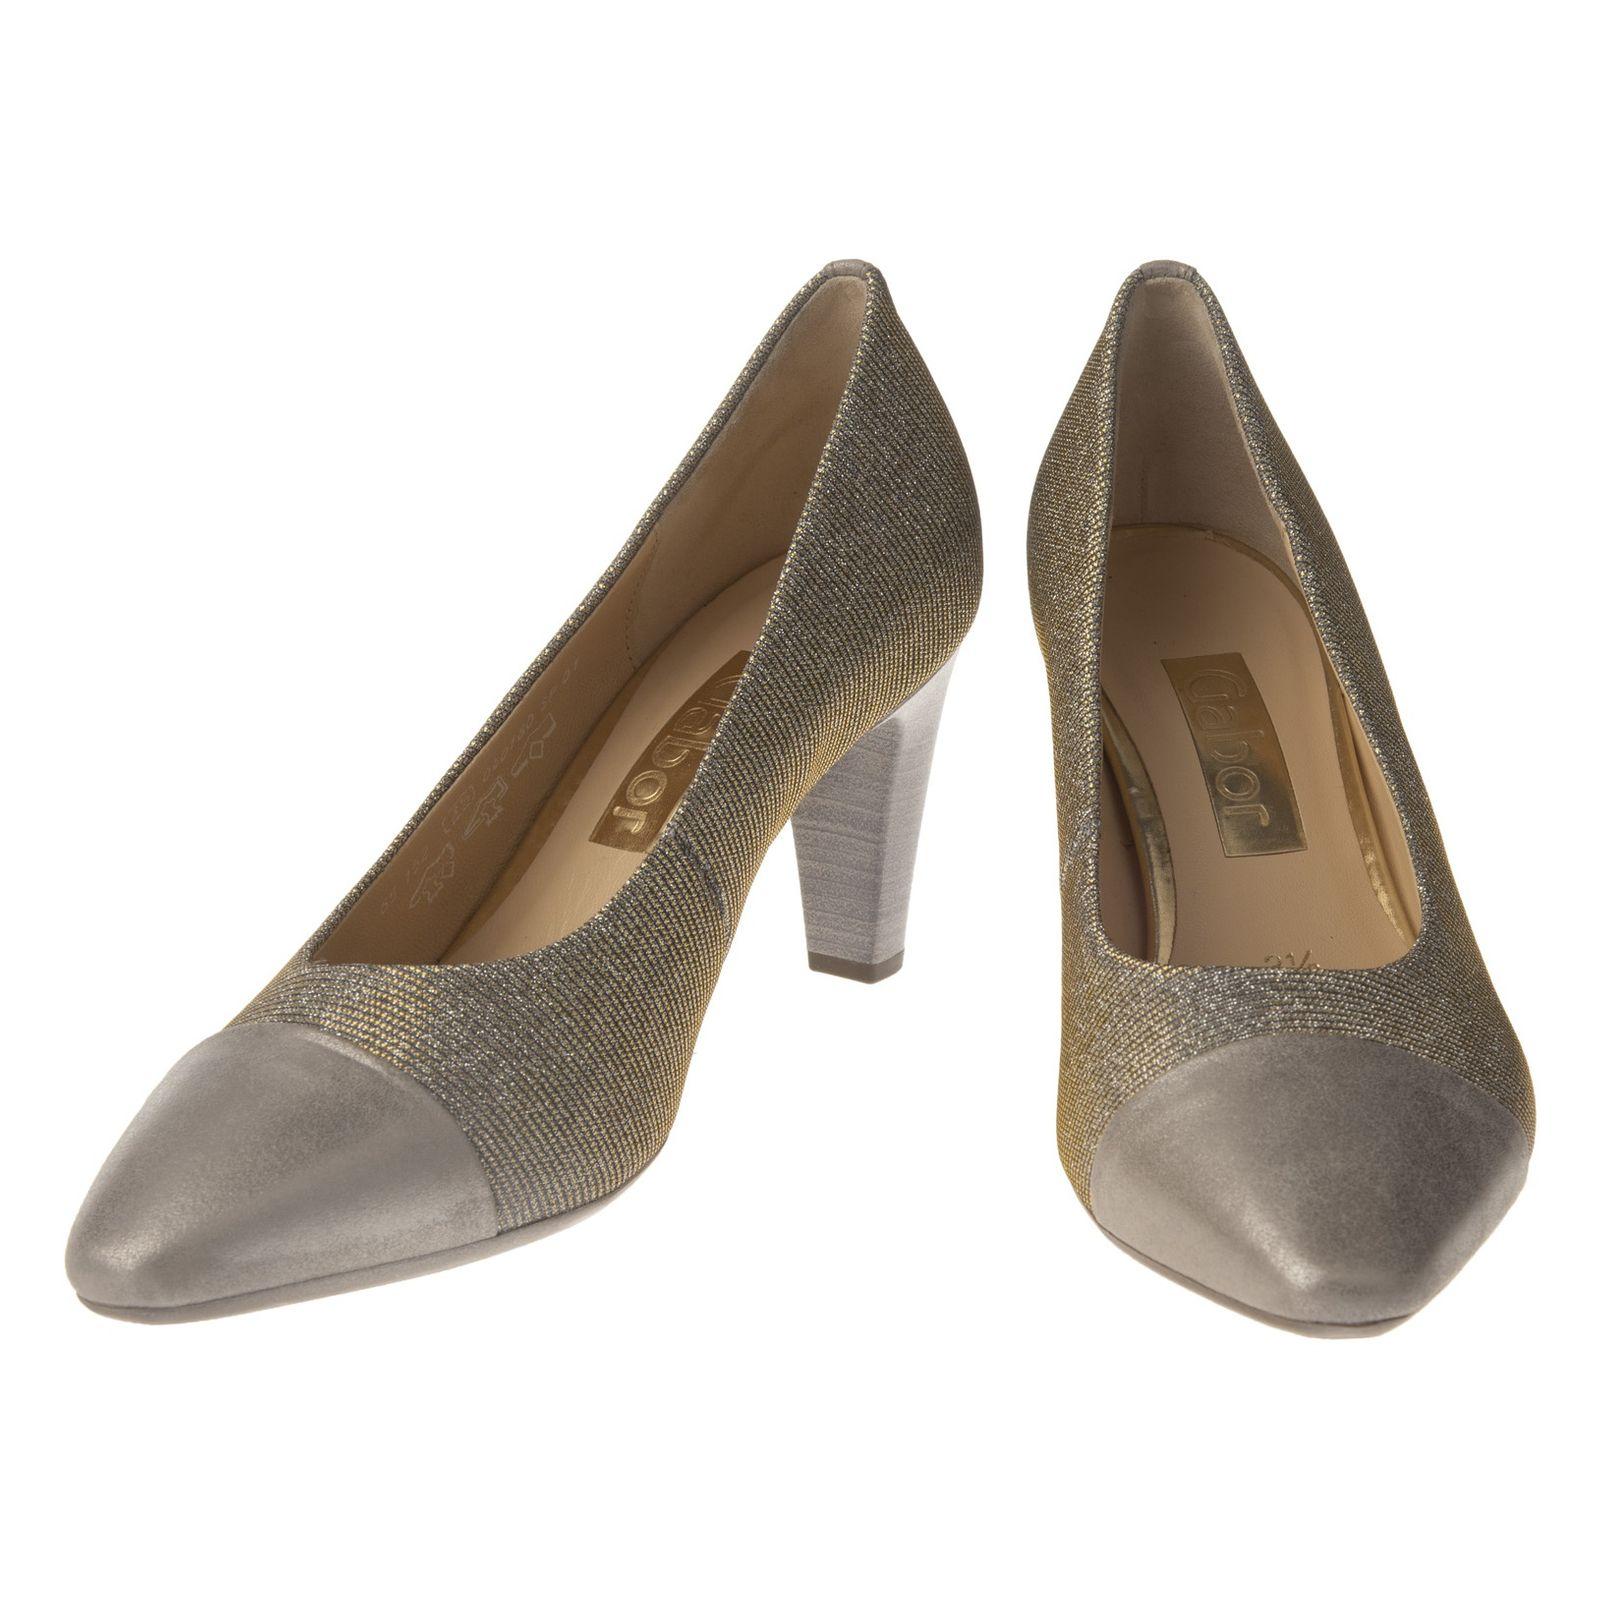 کفش زنانه گابور مدل 65.152.62 main 1 3